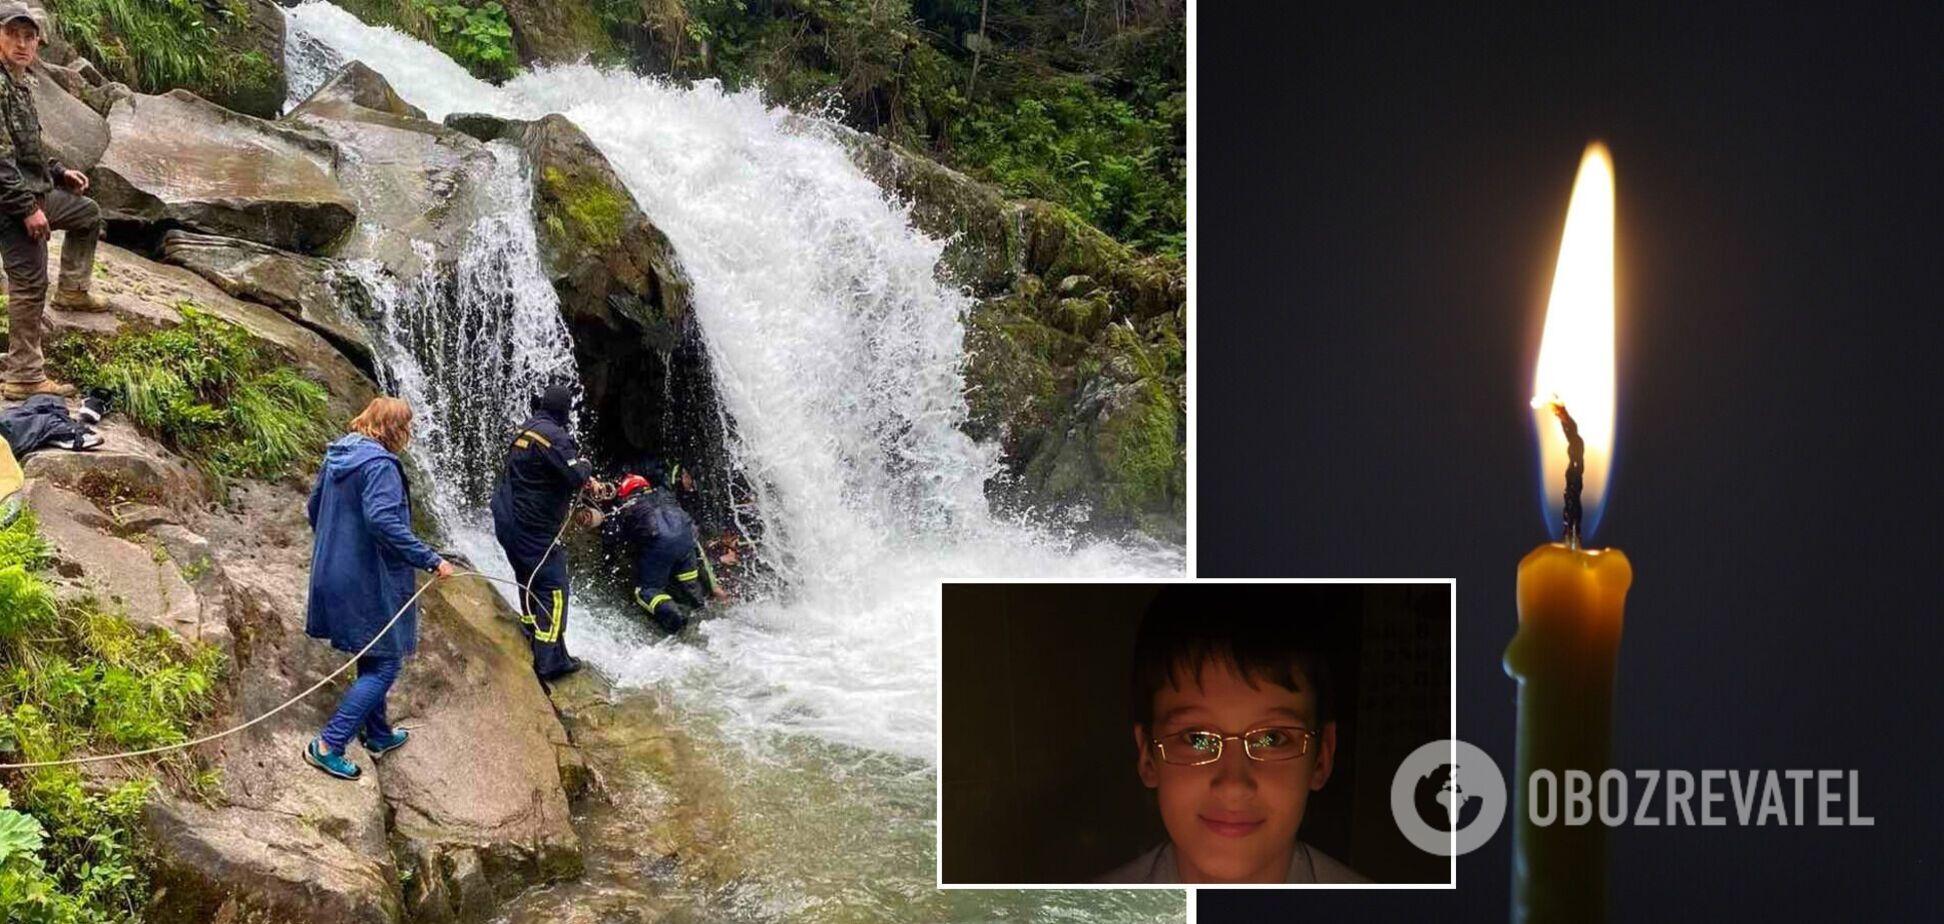 Школьник, который погиб в водопаде на Львовщине, накануне праздновал день рождения: последнее фото парня